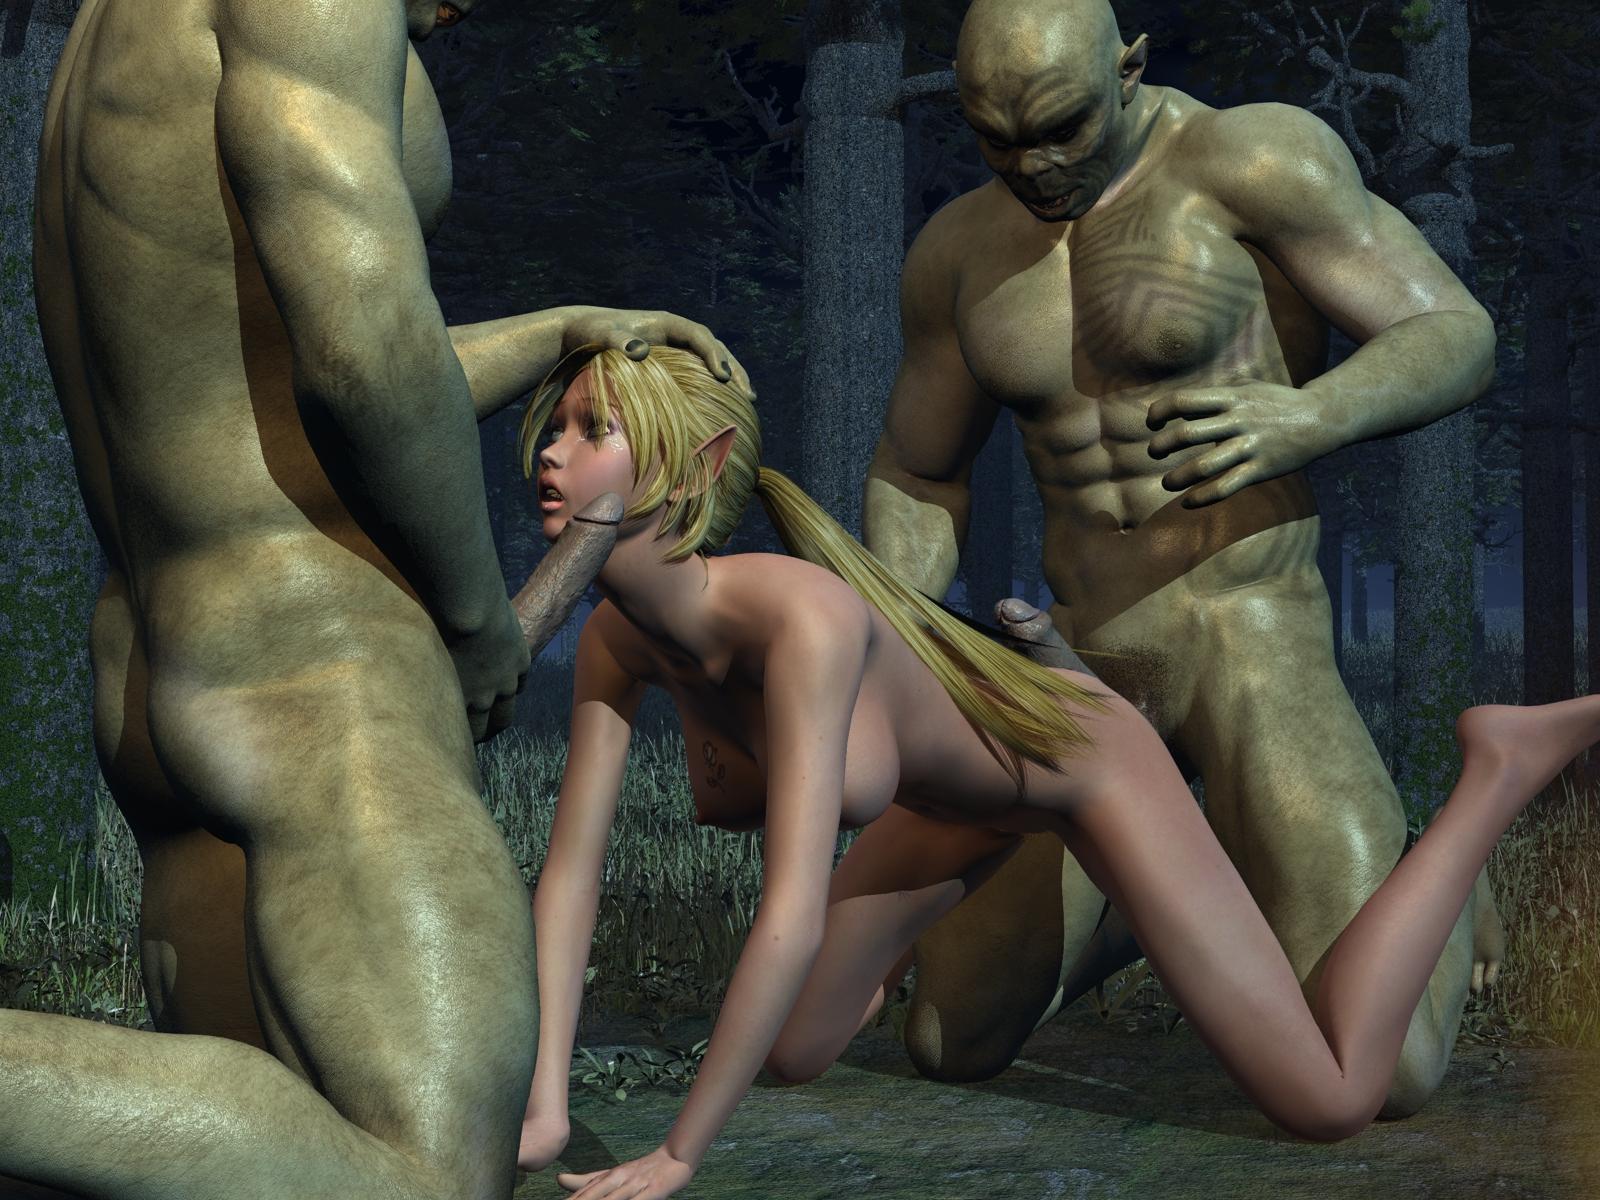 Смотреть порно с монстрами 3d